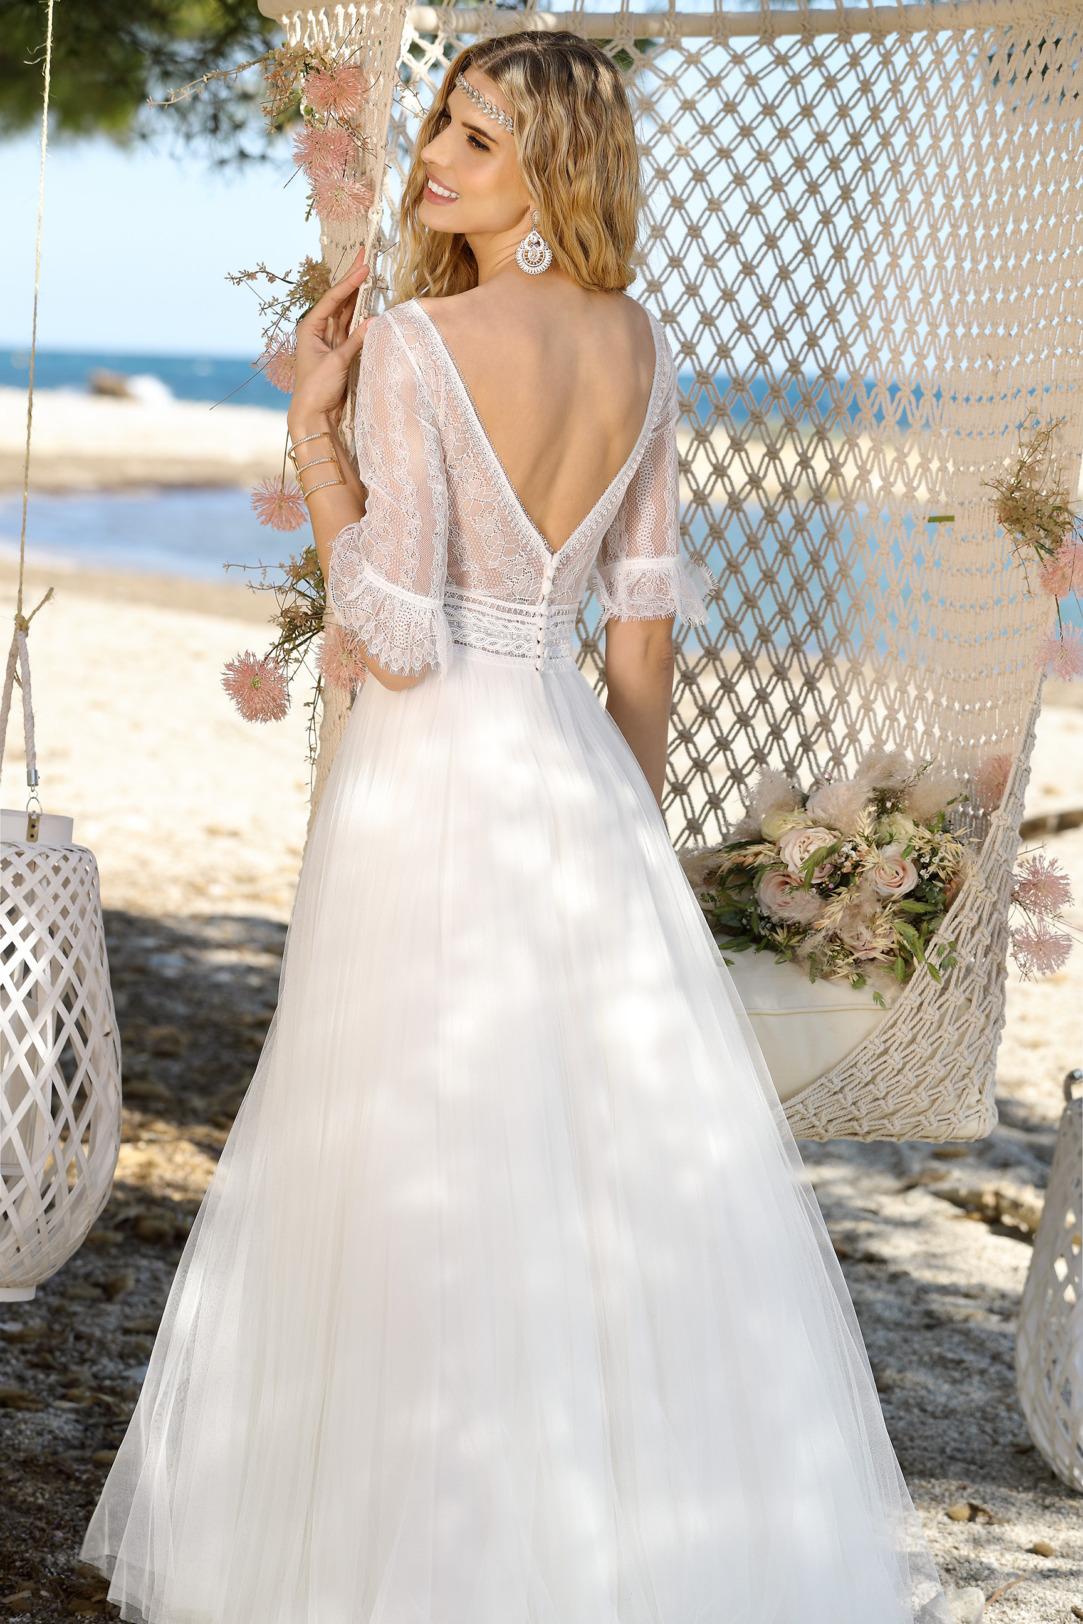 Brautkleid Hochzeitskleid im Vintage Boho Stil von Ladybird Modell 321063 mit halblangen Ärmeln feinste Spitze und rundem Ausschnitt Rock aus superleichtem Tüll Rückenausschnitt in V Form